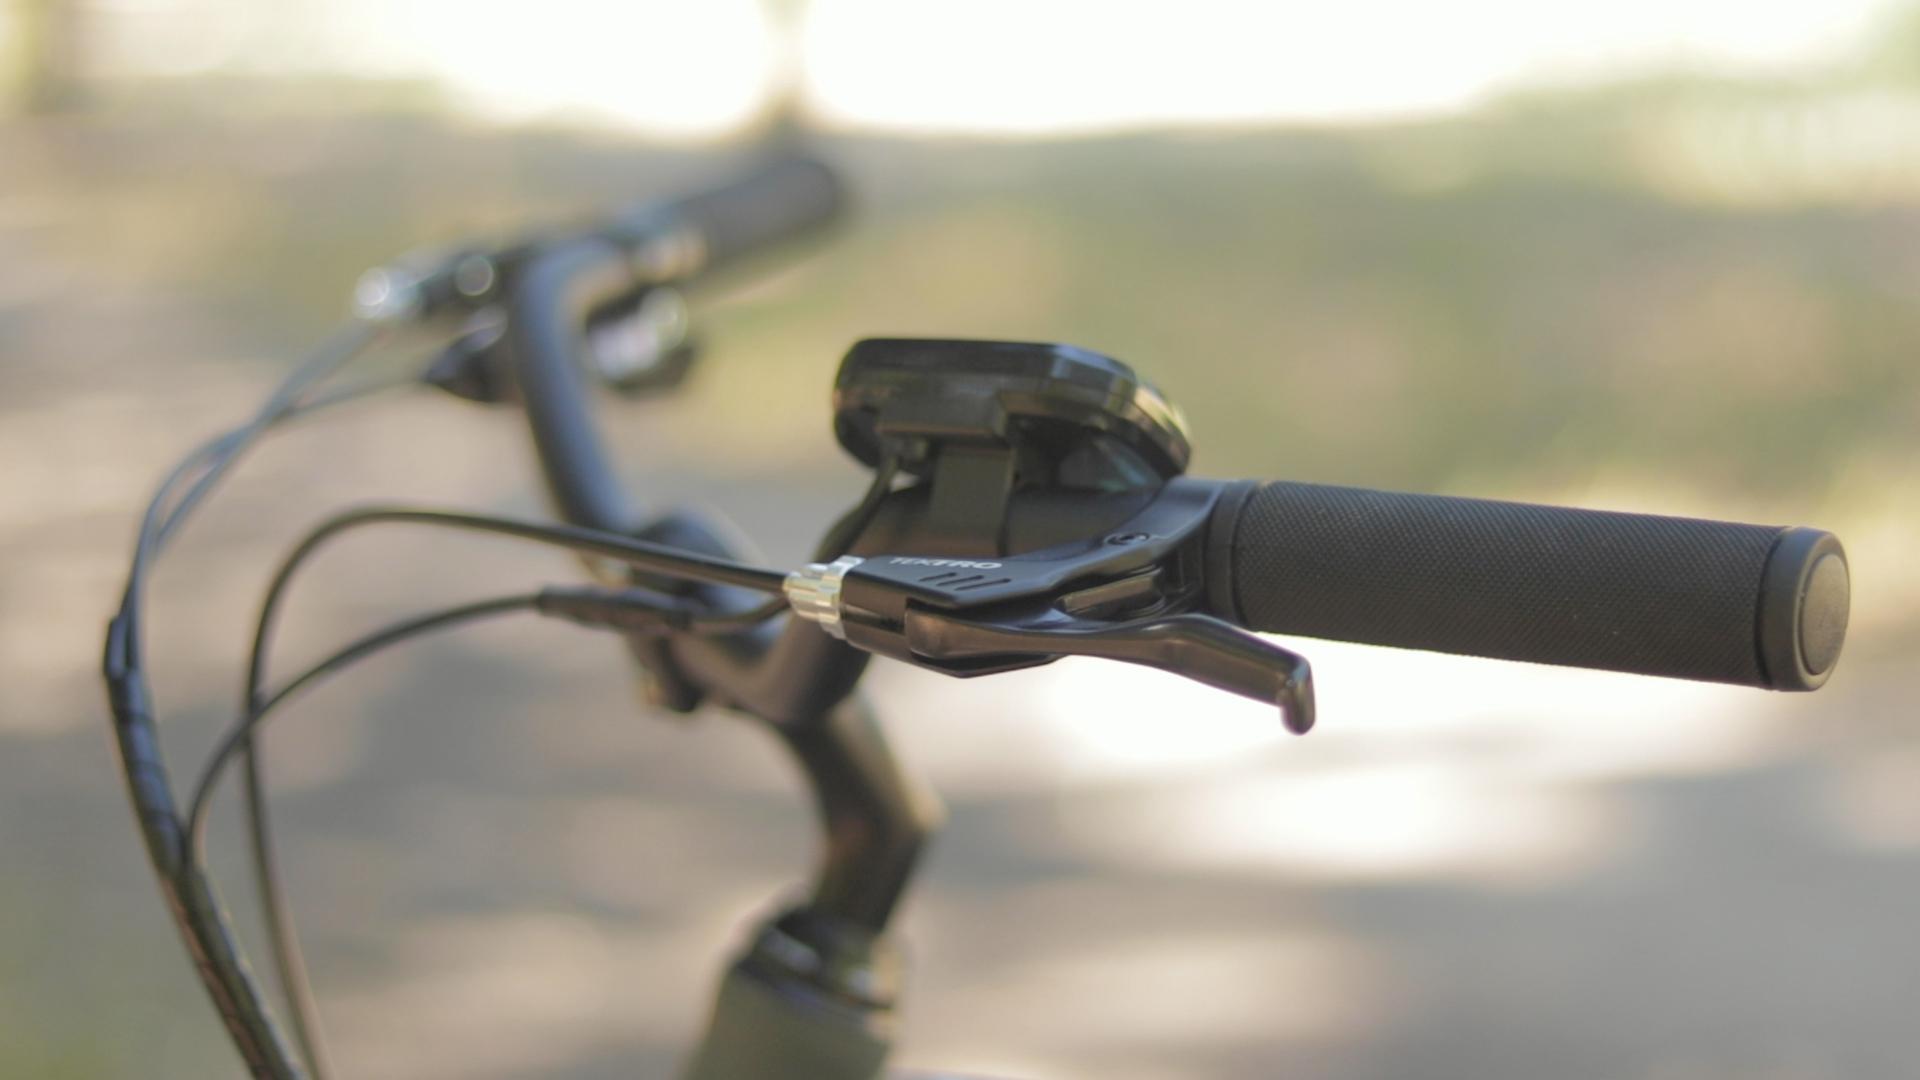 electrified-reviews-izip-simi-electric-bike-review-tektro-brake-lever.jpg